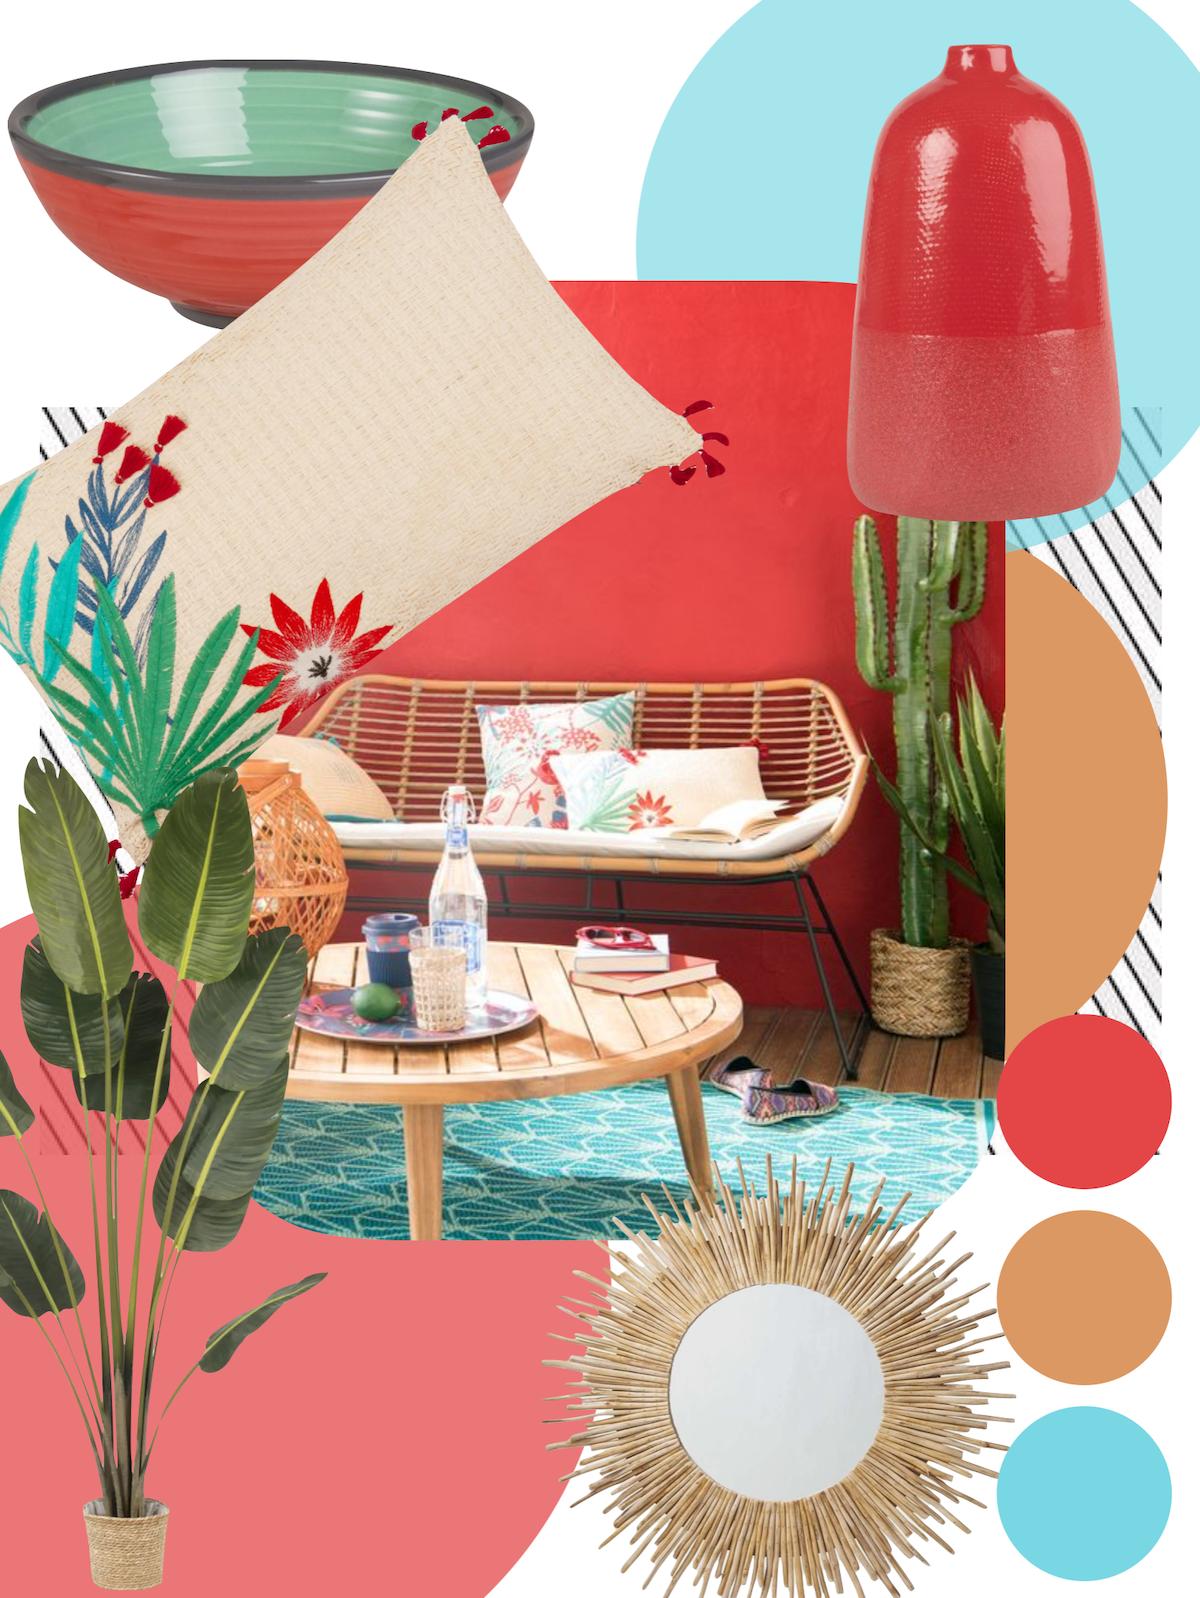 planche déco tendance Maisons du Monde outdoor design salon de jardin - blog déco - clemaroundthecorner